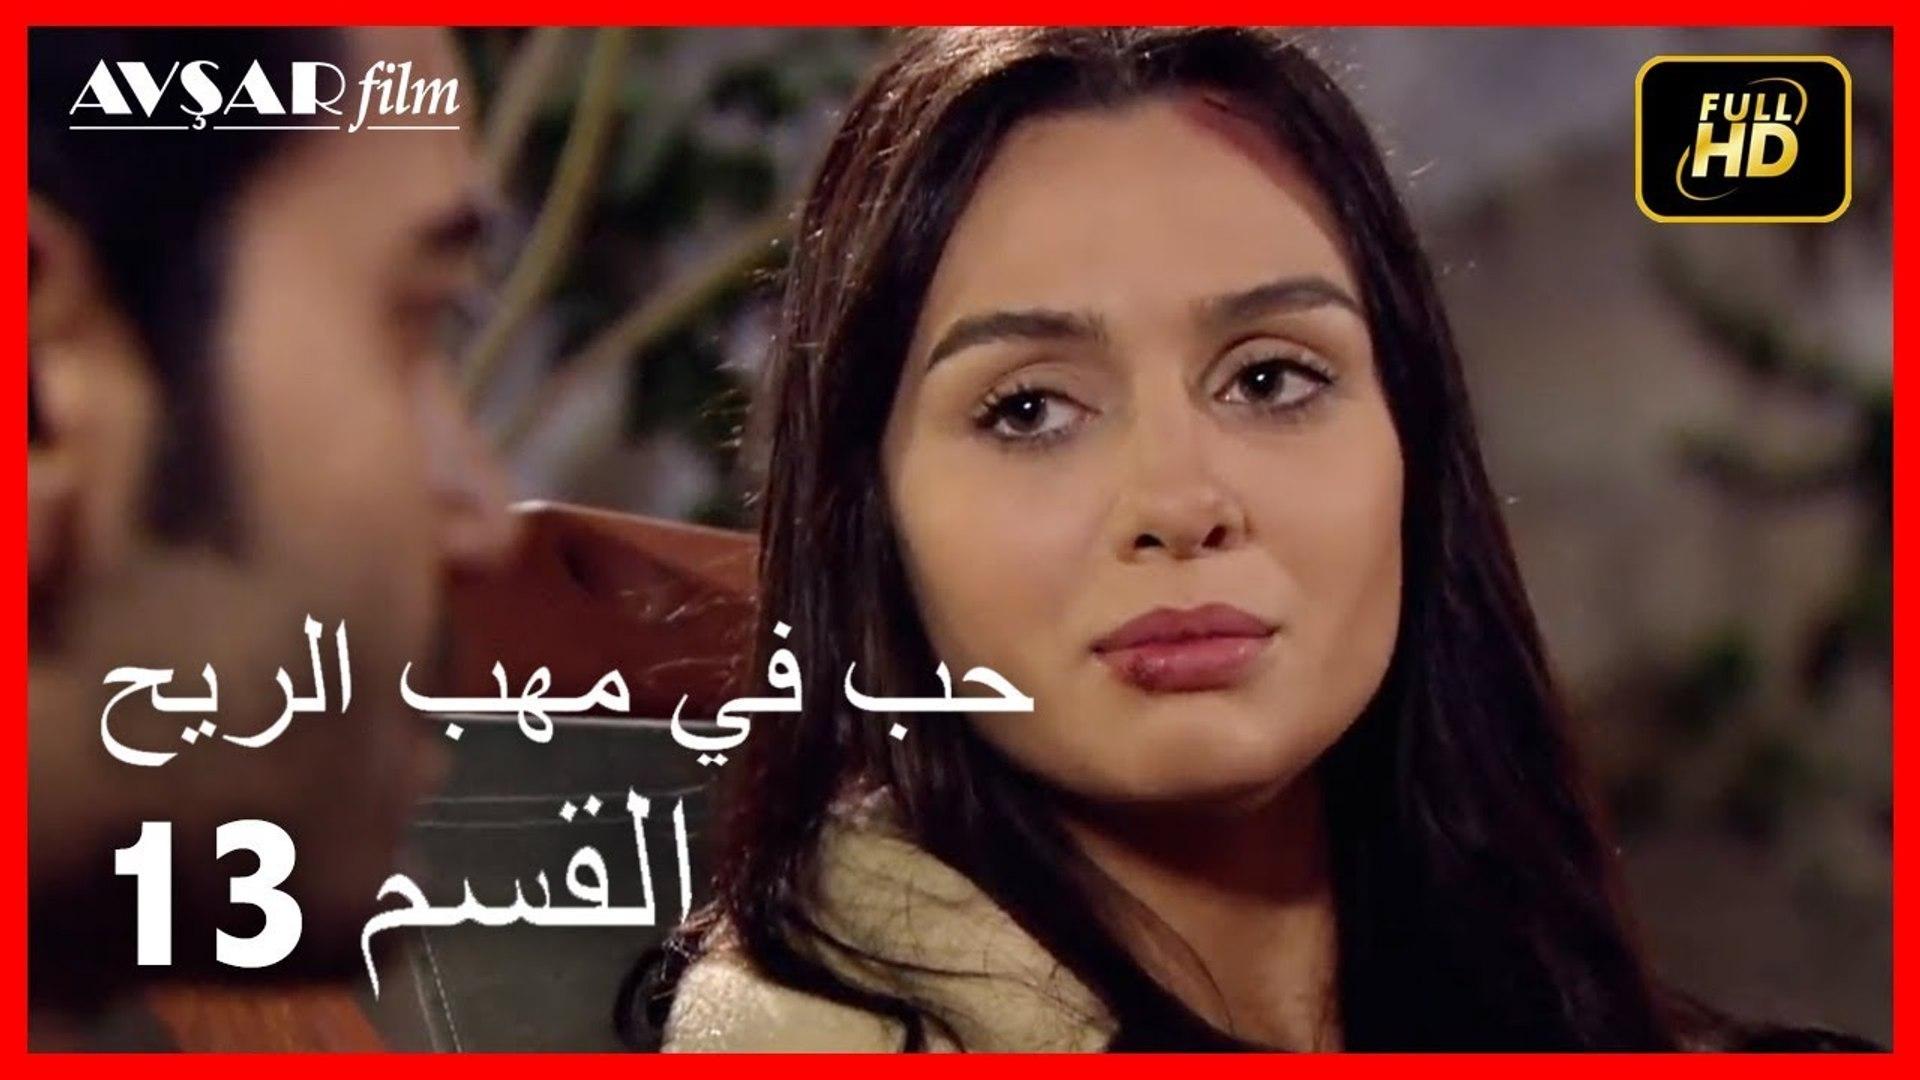 13 حب في مهب الريح الحلقة فيديو Dailymotion